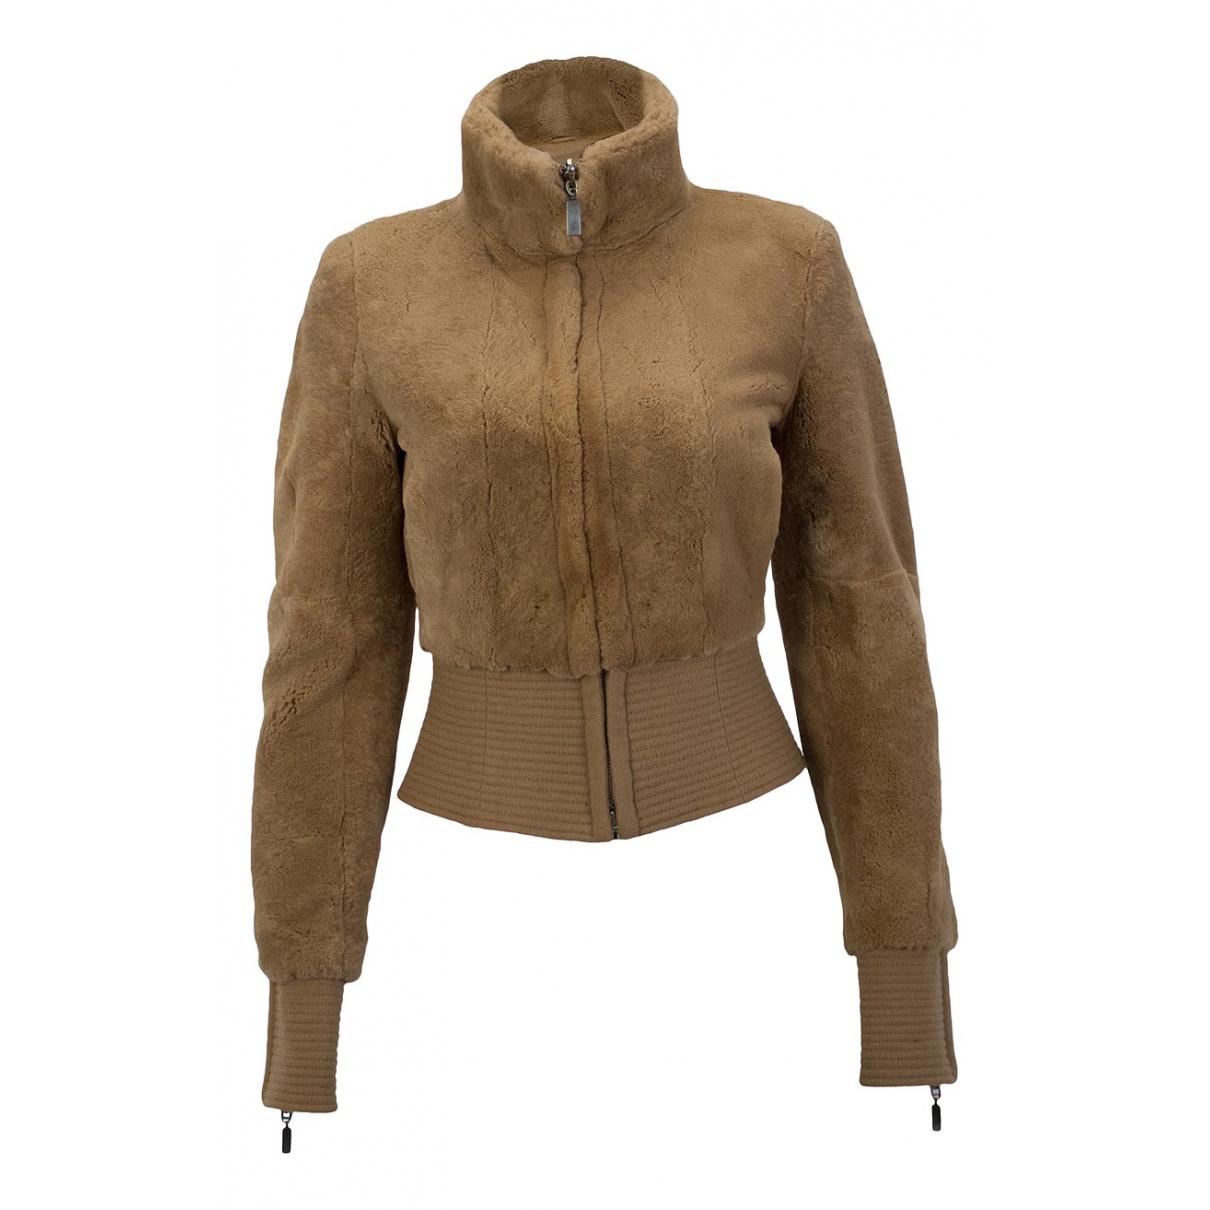 Gianfranco Ferré N Camel Wool jacket for Women 36 IT